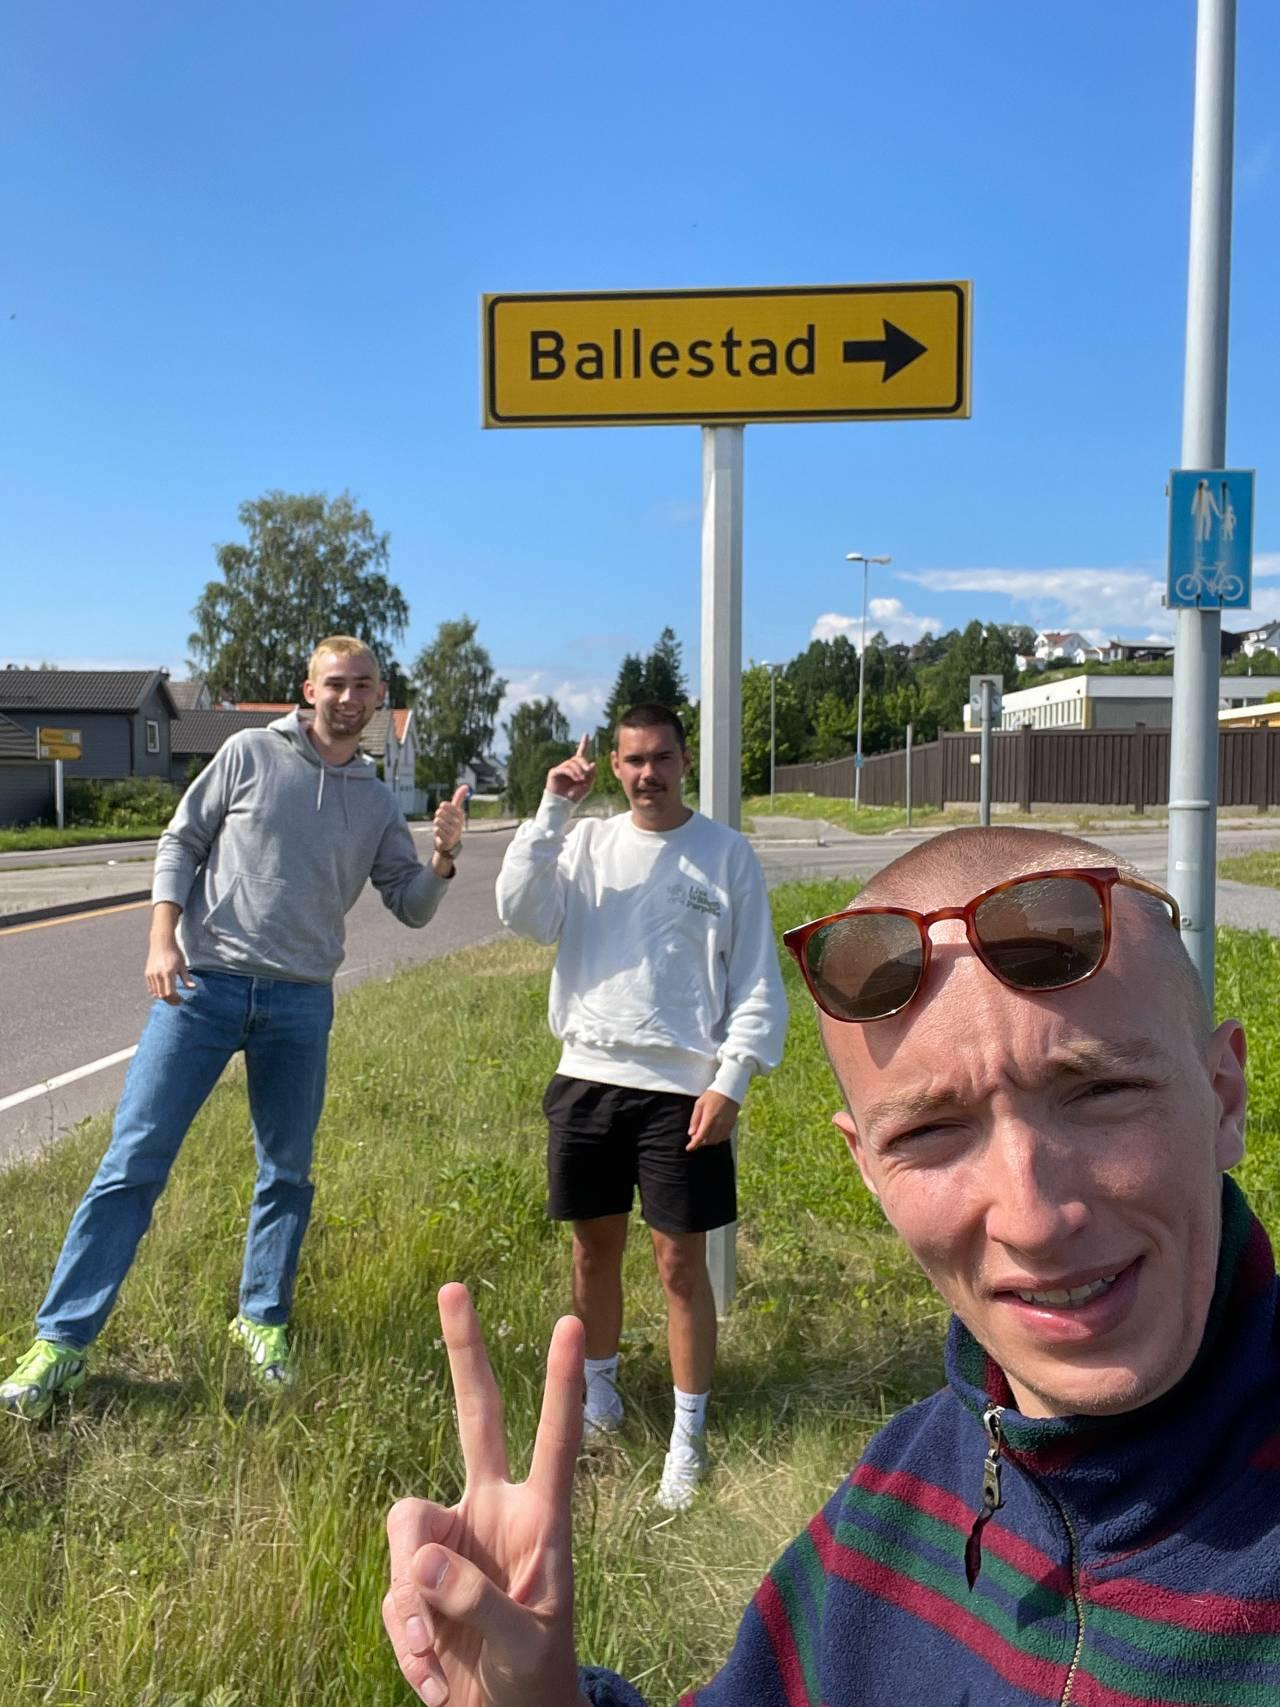 Ballestad